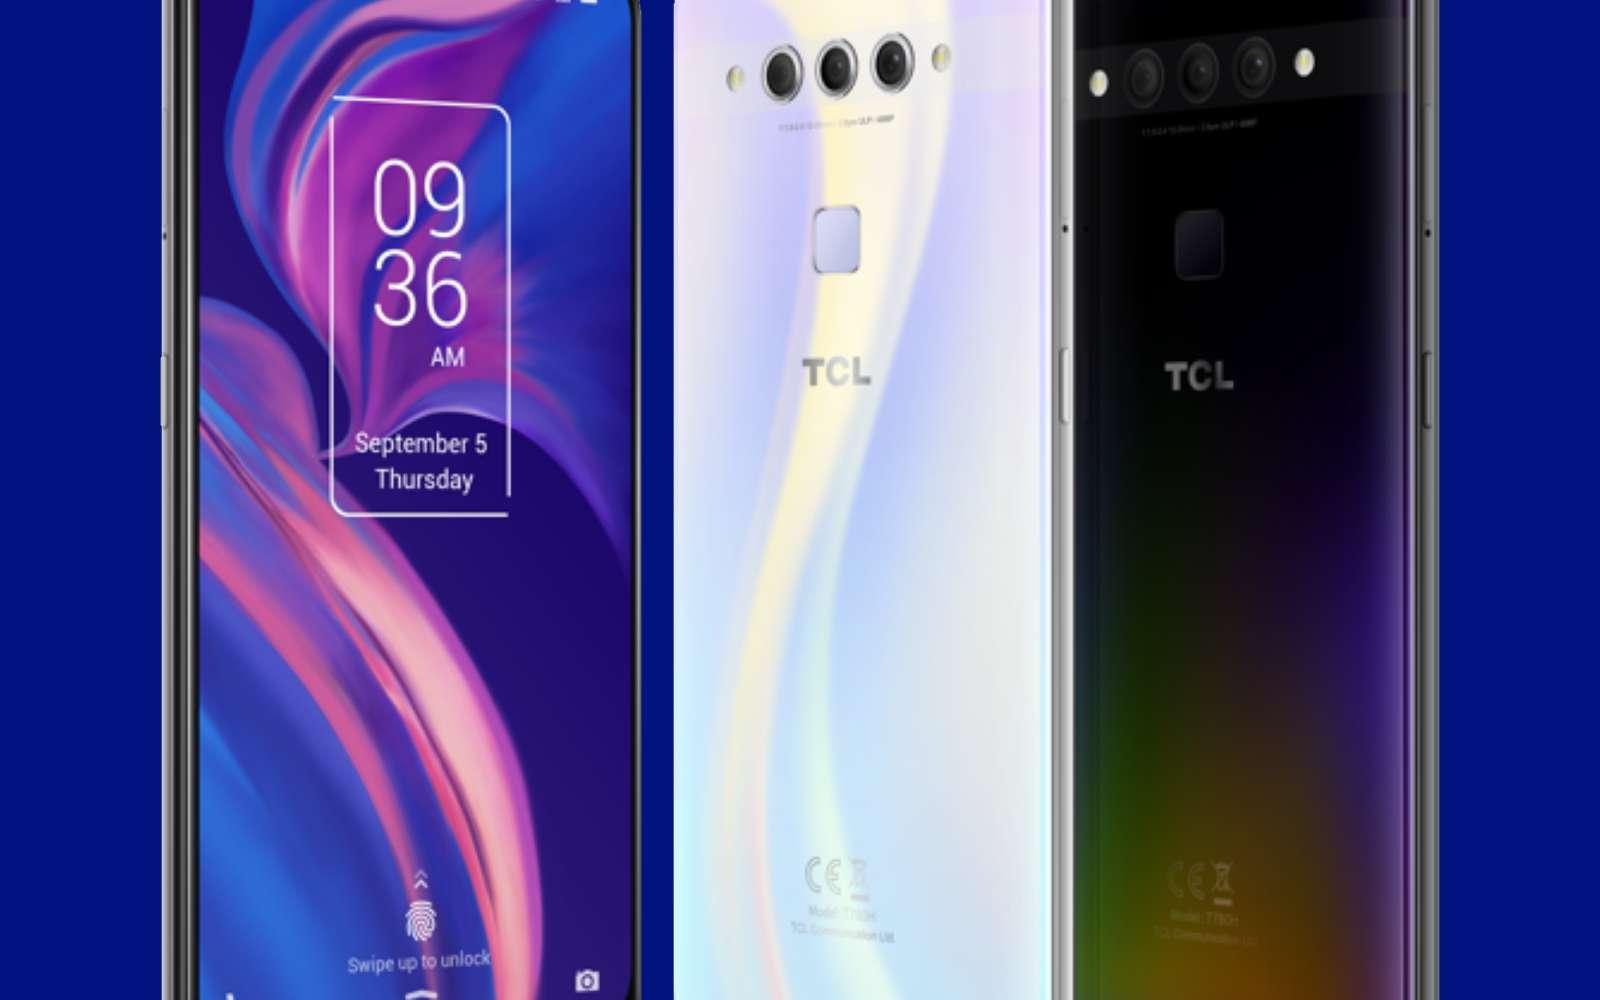 Le Plex de TCL dispose d'une fiche technique alléchante avec ses trois capteurs photos, sa configuration musclée et son écran promettant un affichage de qualité. Il sera vendu au tarif très agressif de 329 euros. © TCL